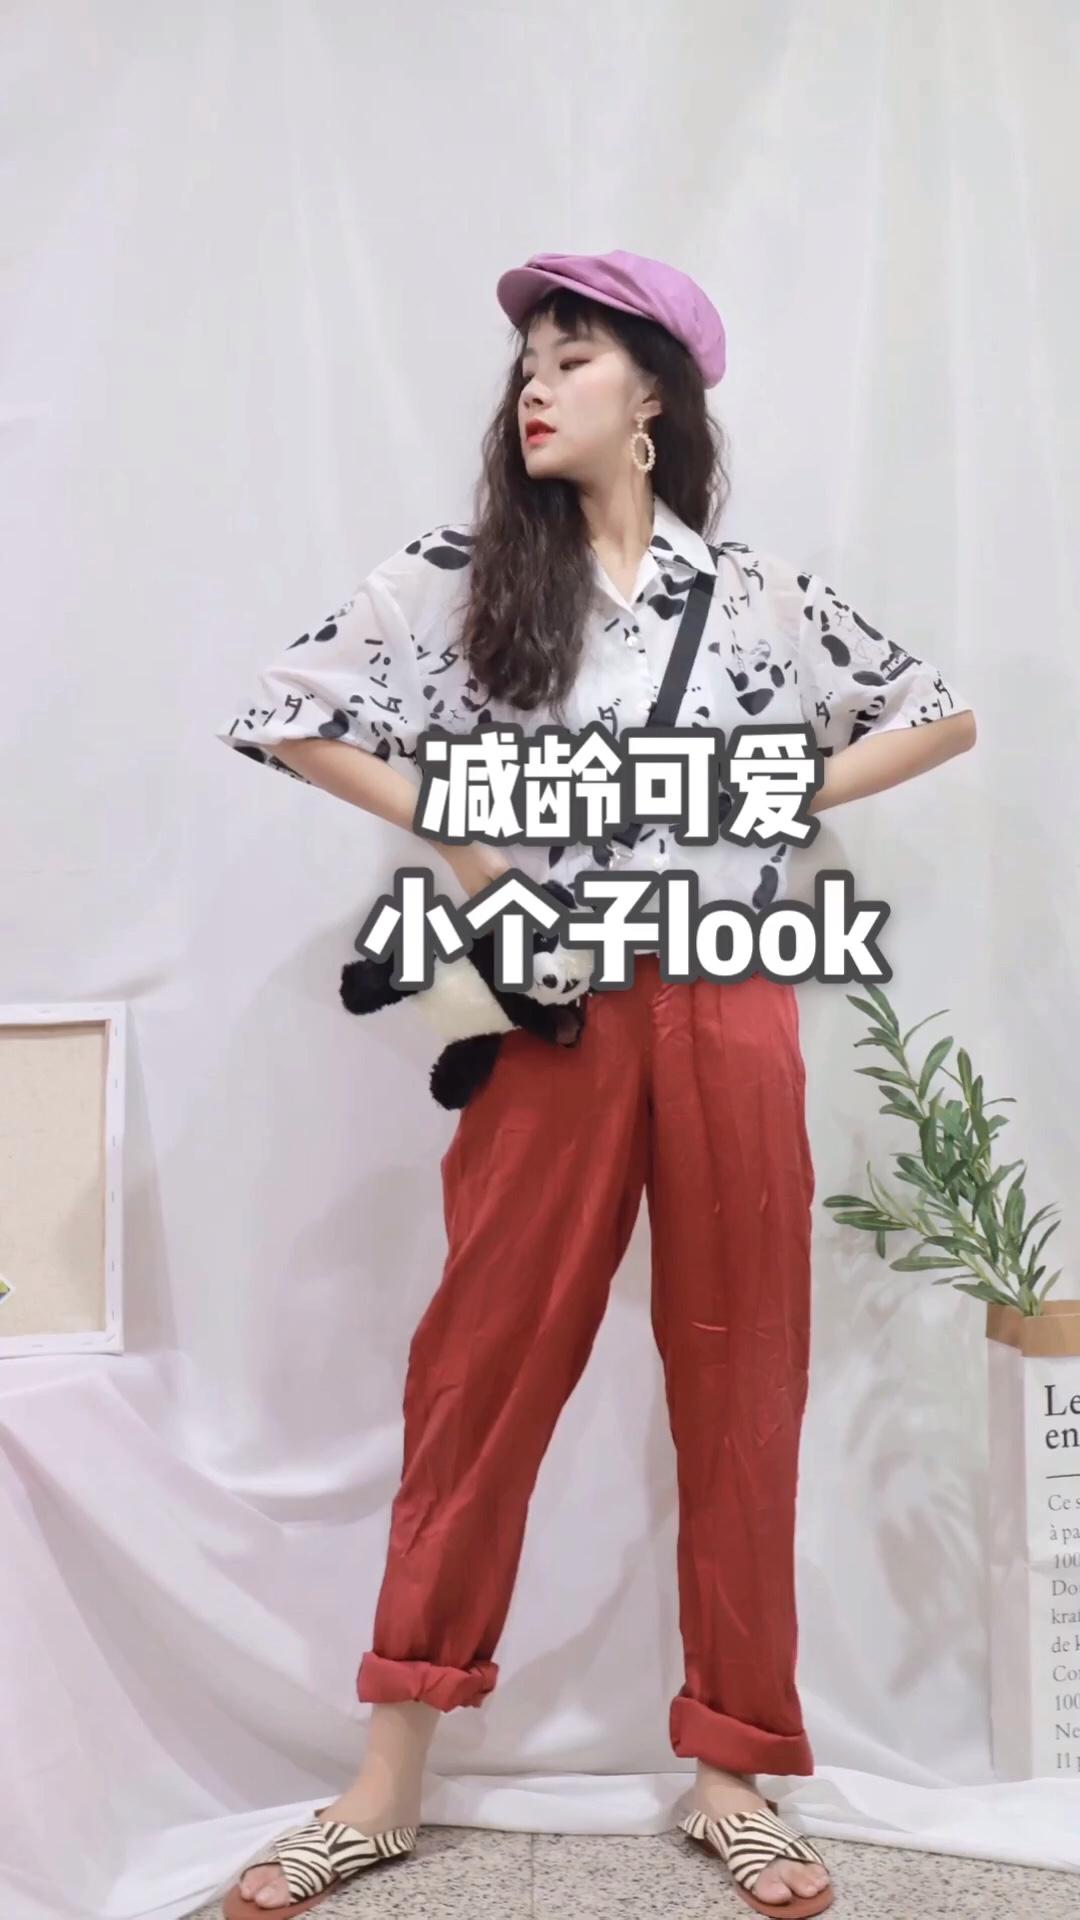 """熊猫黑白衬衫搭配红色宽松束脚裤 毛茸茸同款包 整套甜美可爱#""""抽脂""""穿搭术,无死角显瘦!#"""